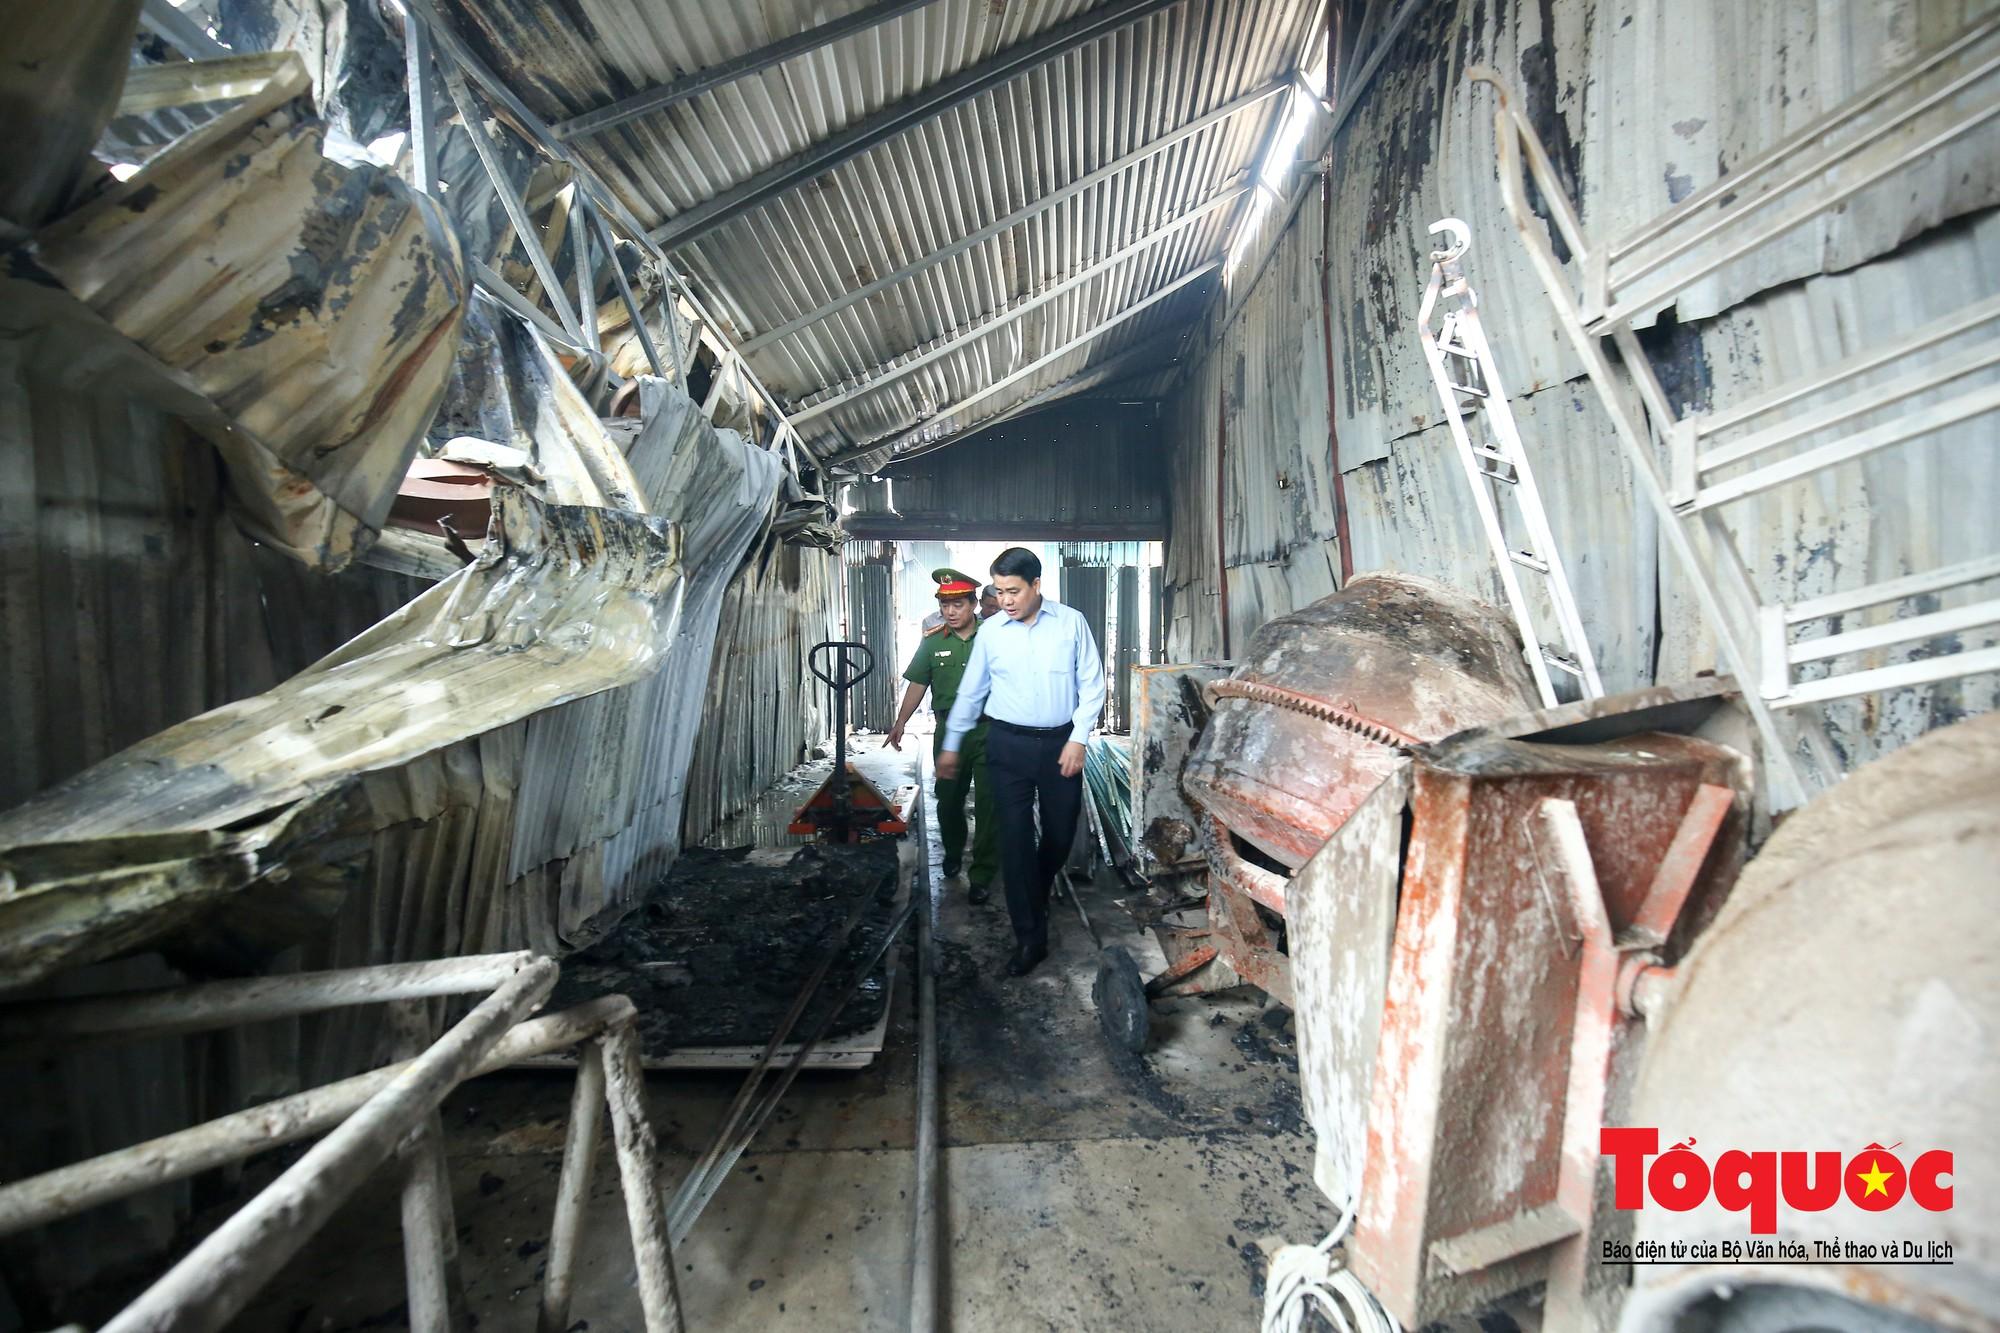 Cận cảnh hiện trường vụ Cháy thảm khốc ở Trung Văn, 8 người chết và mất tích - Ảnh 8.